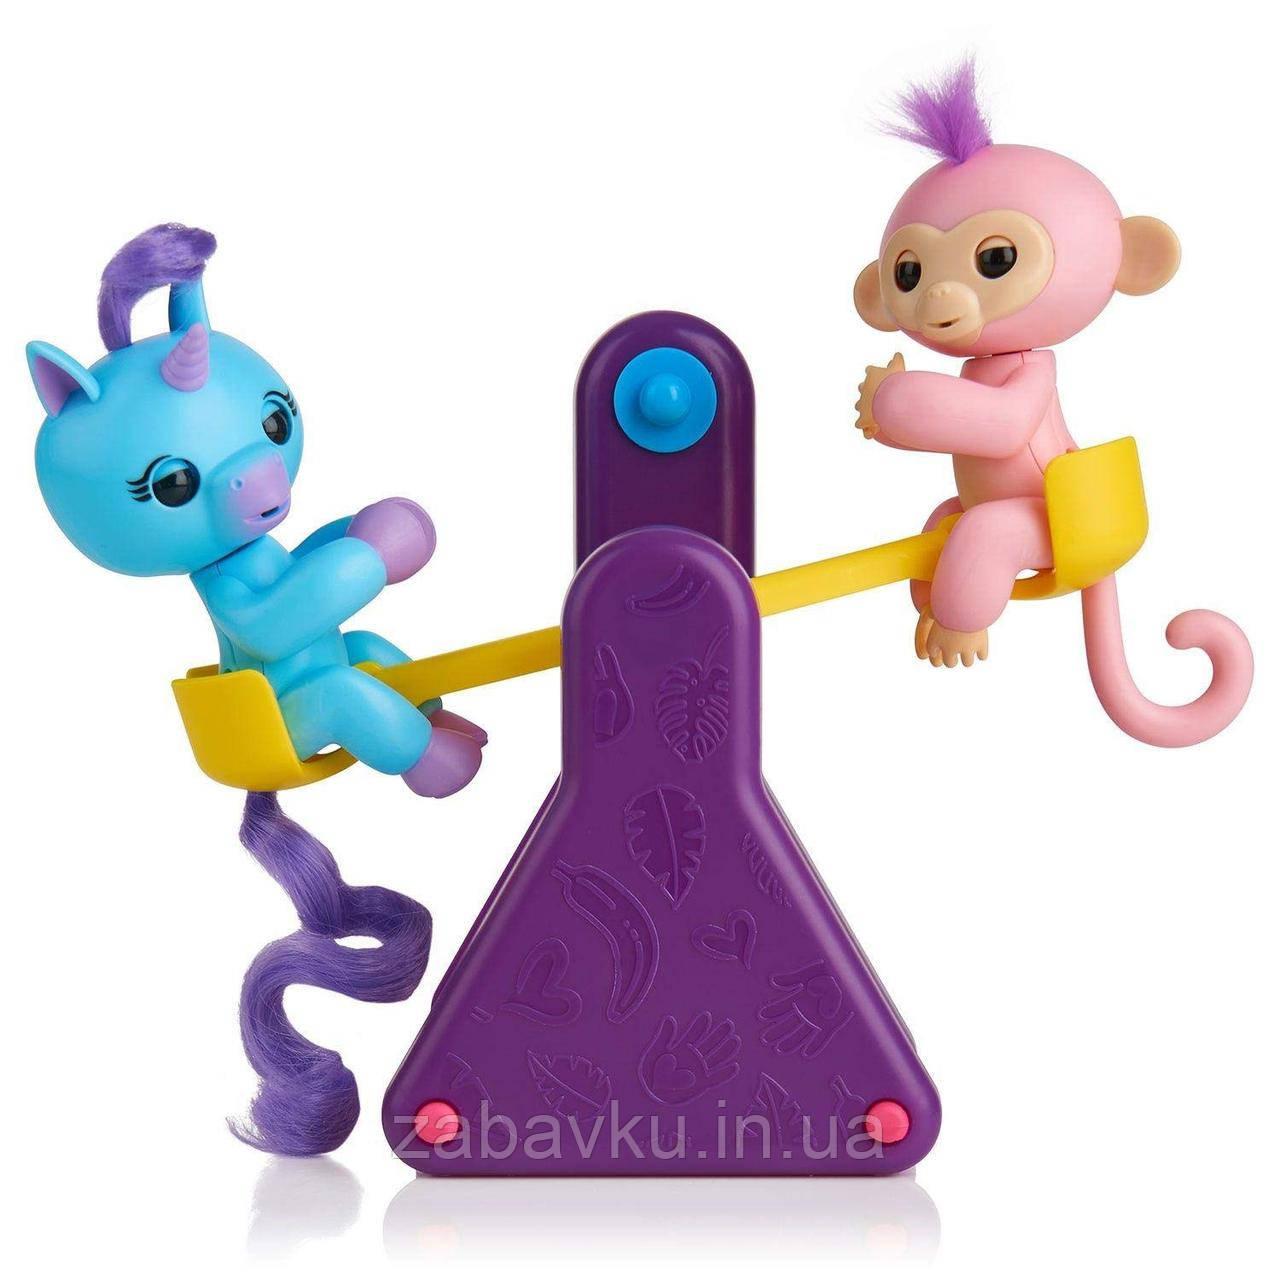 Набір Фінгерлінз на ігровому майданчику WowWee Fingerlings Єдиноріг та мавпочка Корал і Кайлі